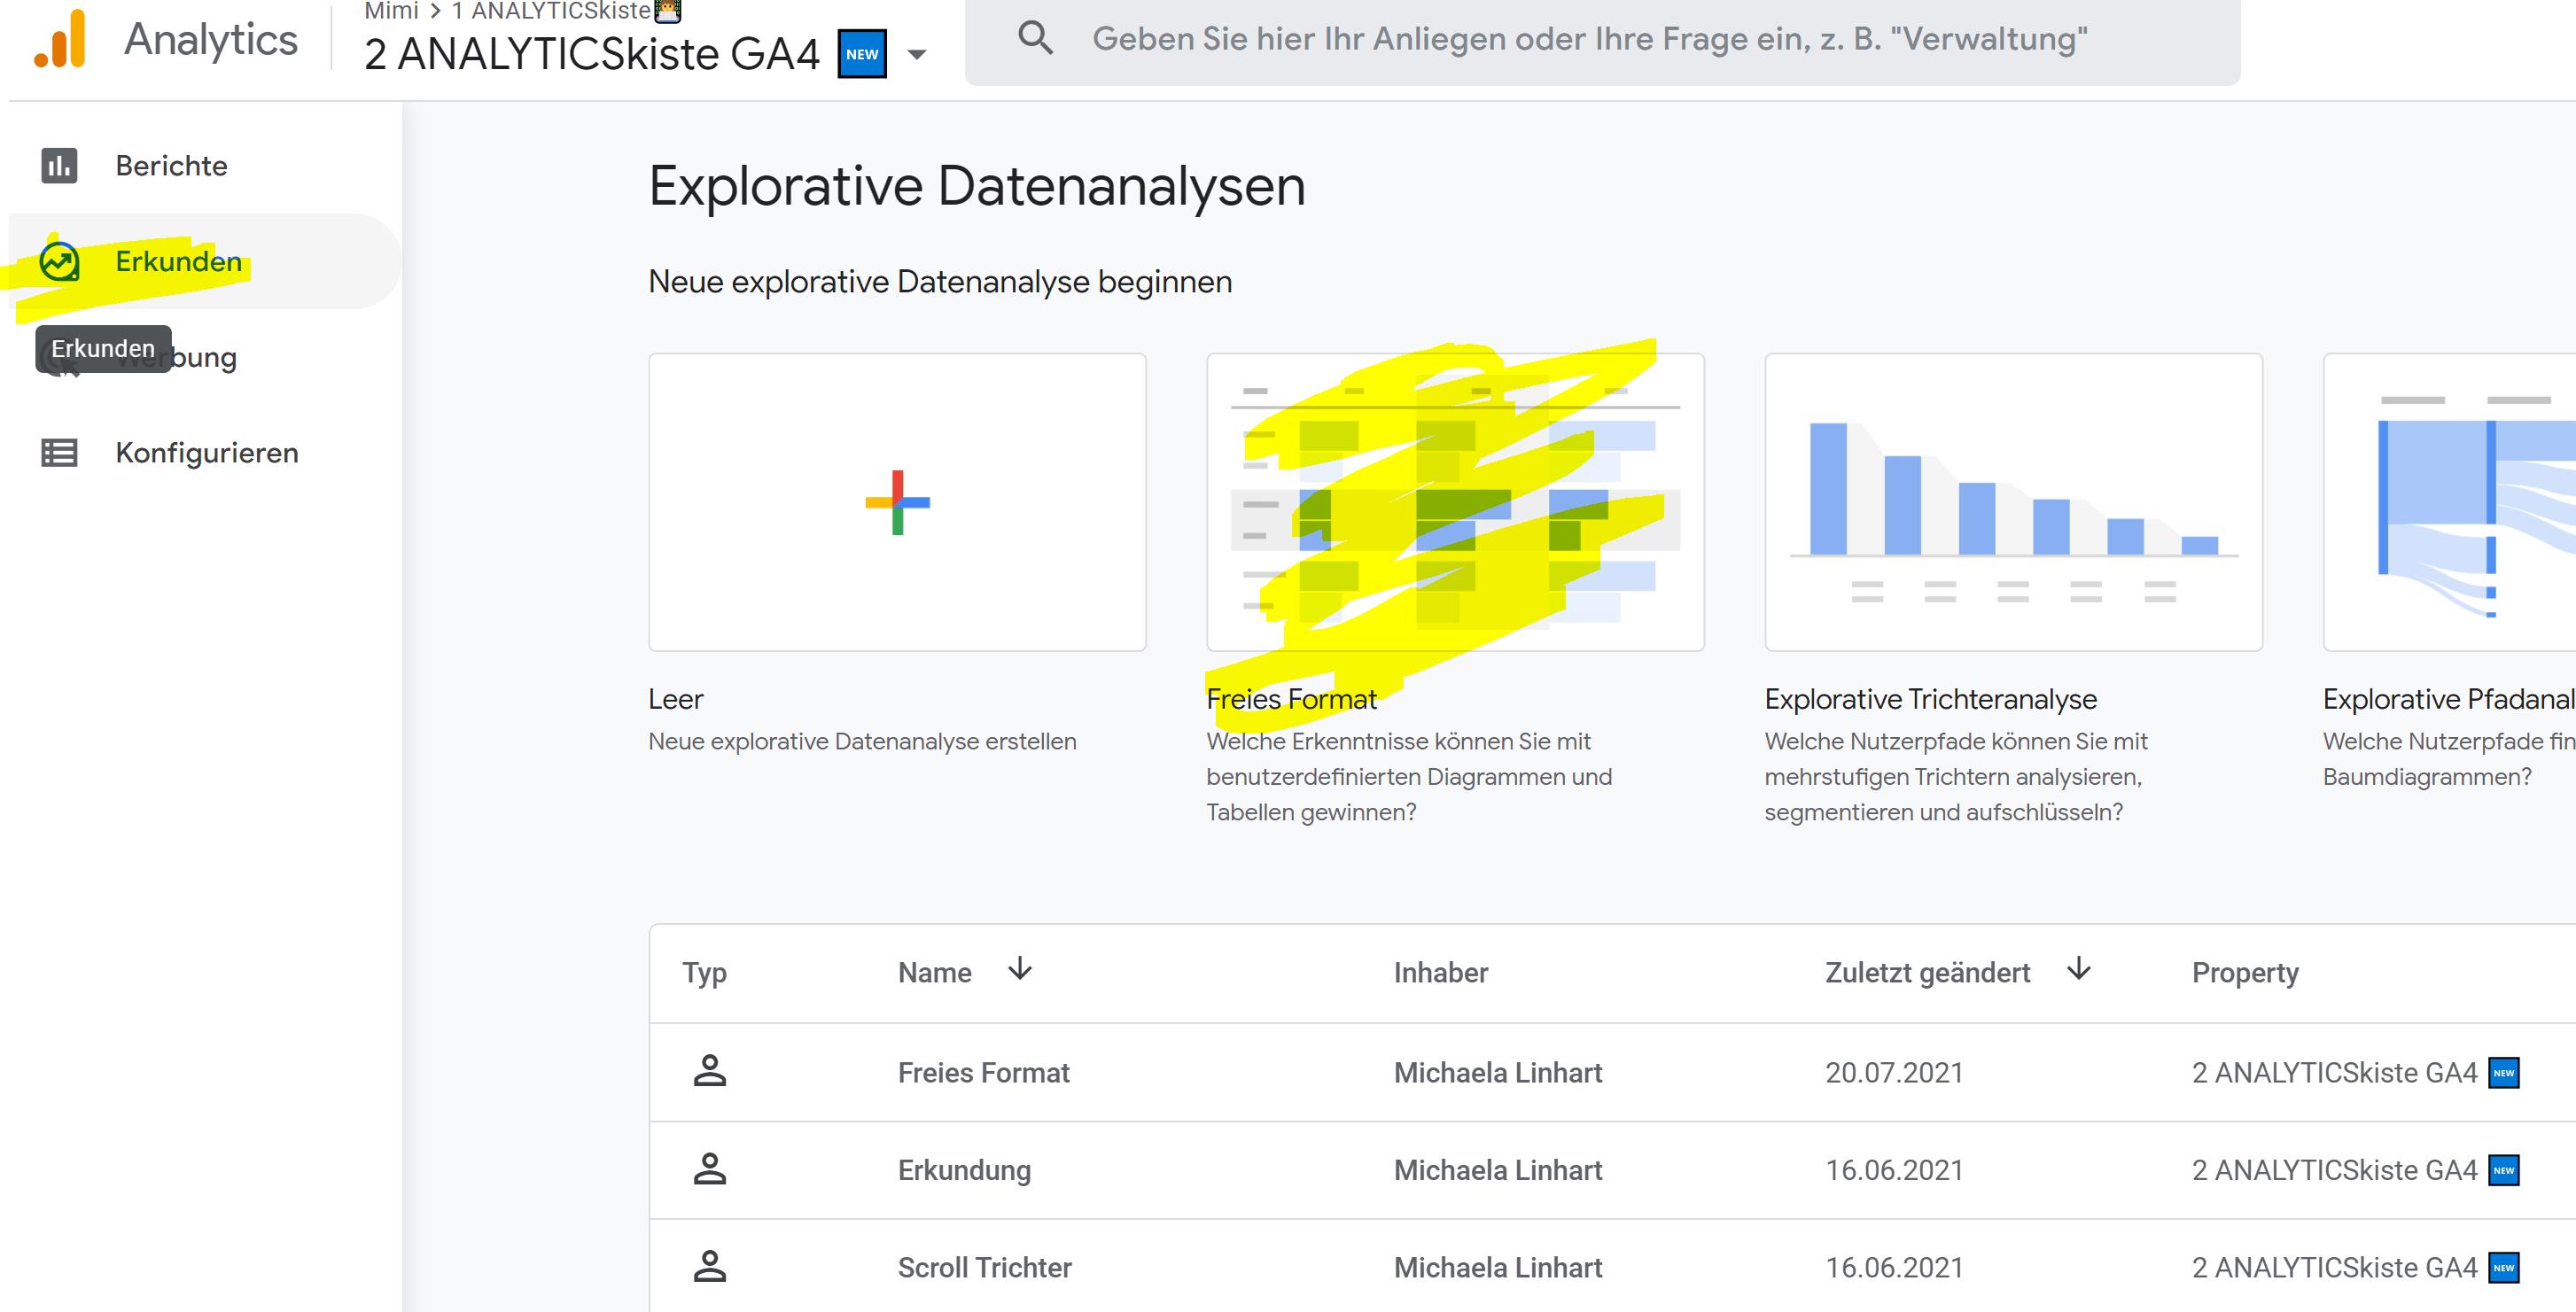 Freies Format für Interne Verlinkung Analyse in GA4